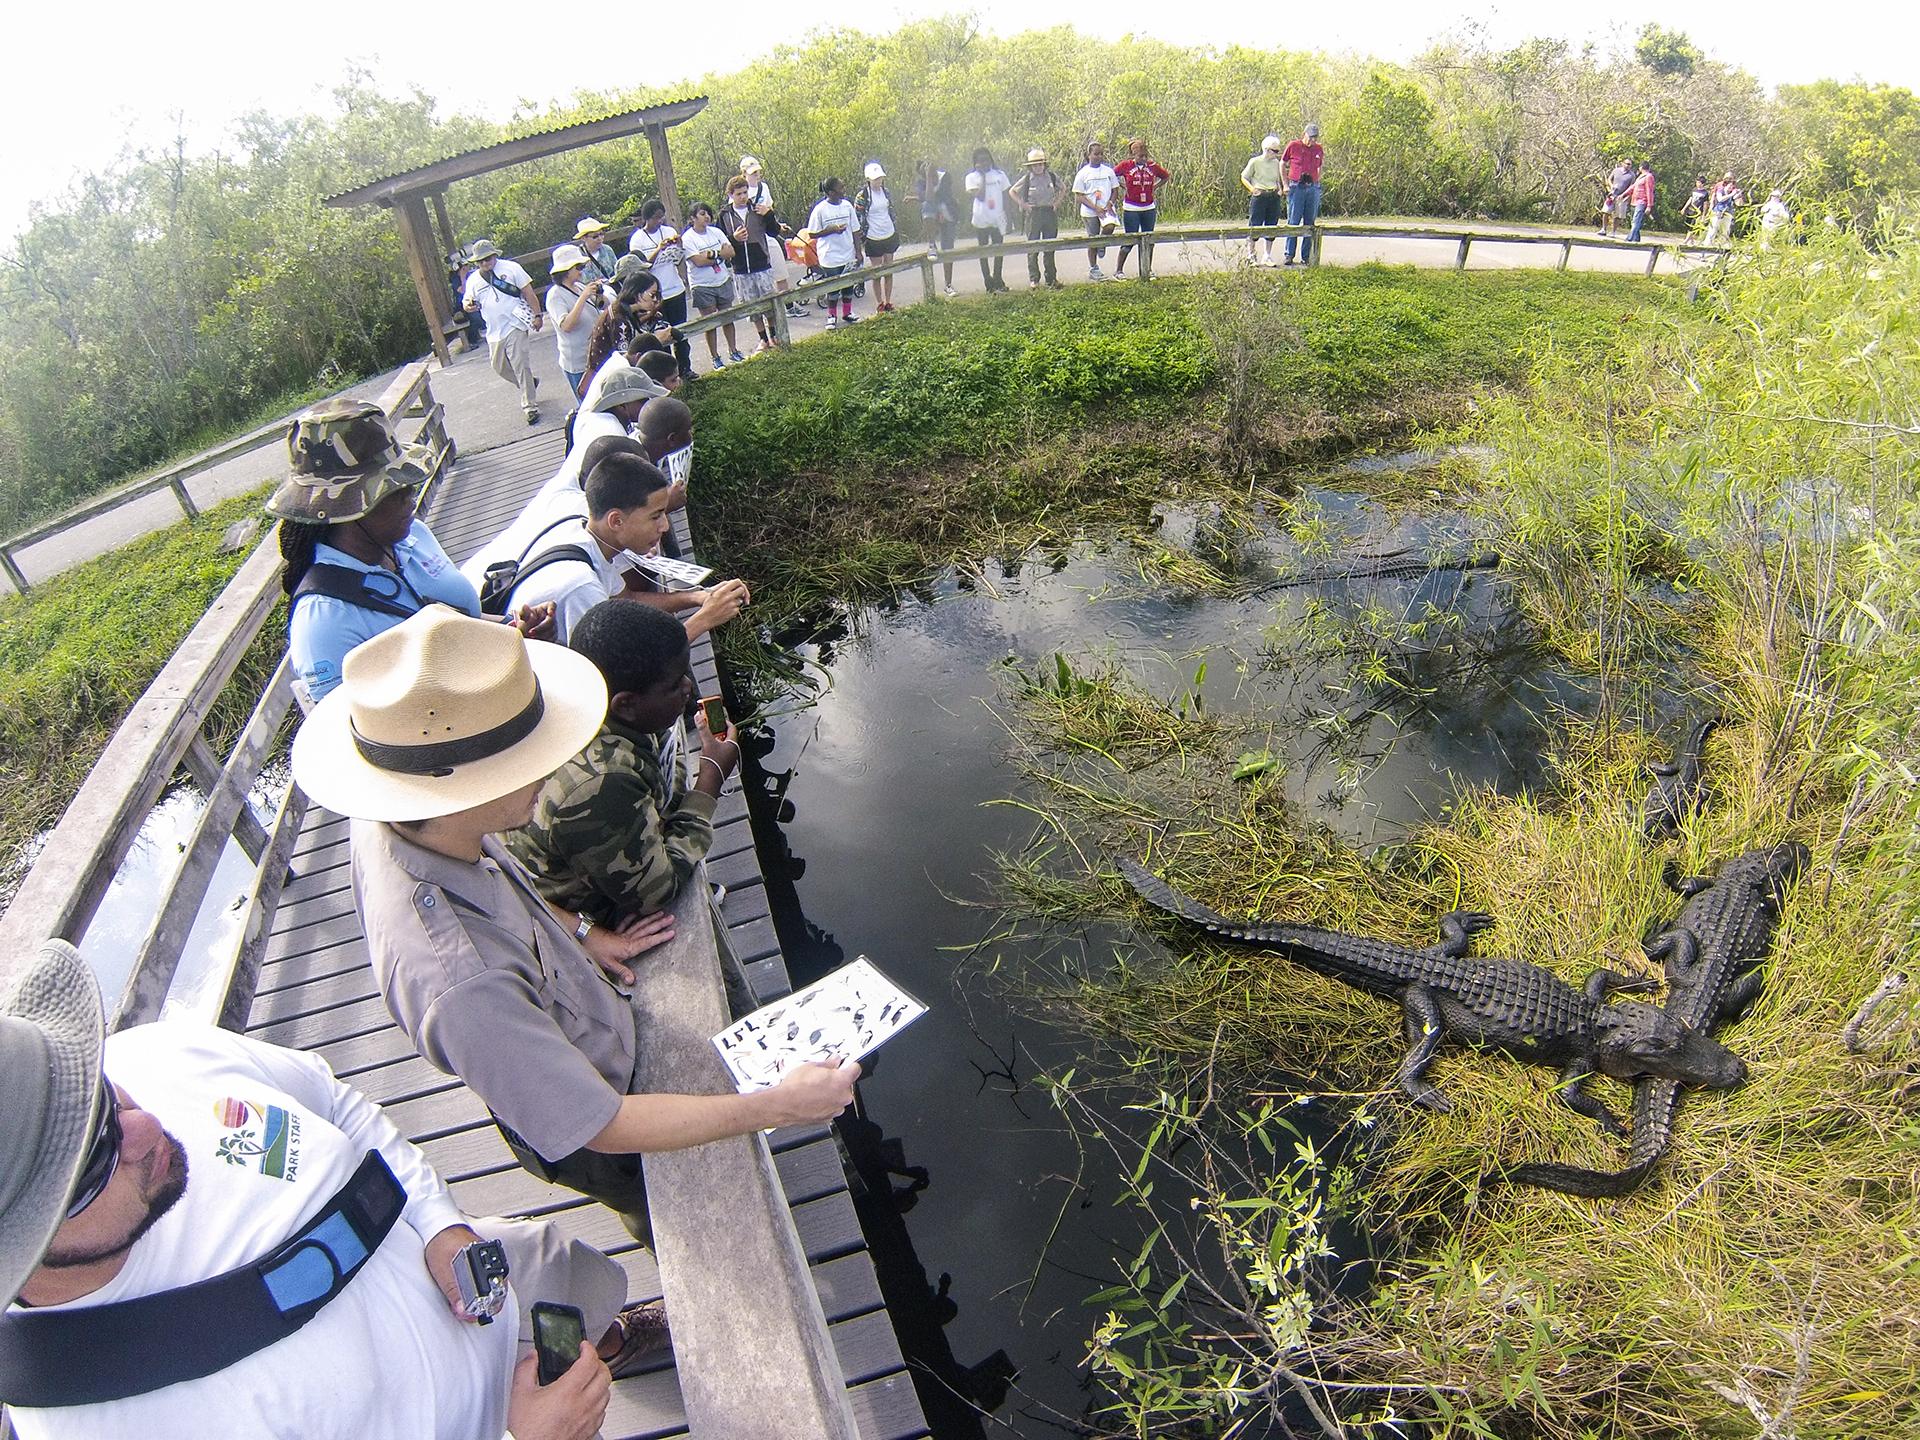 florida, miami, caimanes, aligator, everglade, everglades, national park, eeuu, estados unidos, top, mejores, parques nacionales, mas bonitos, unesco